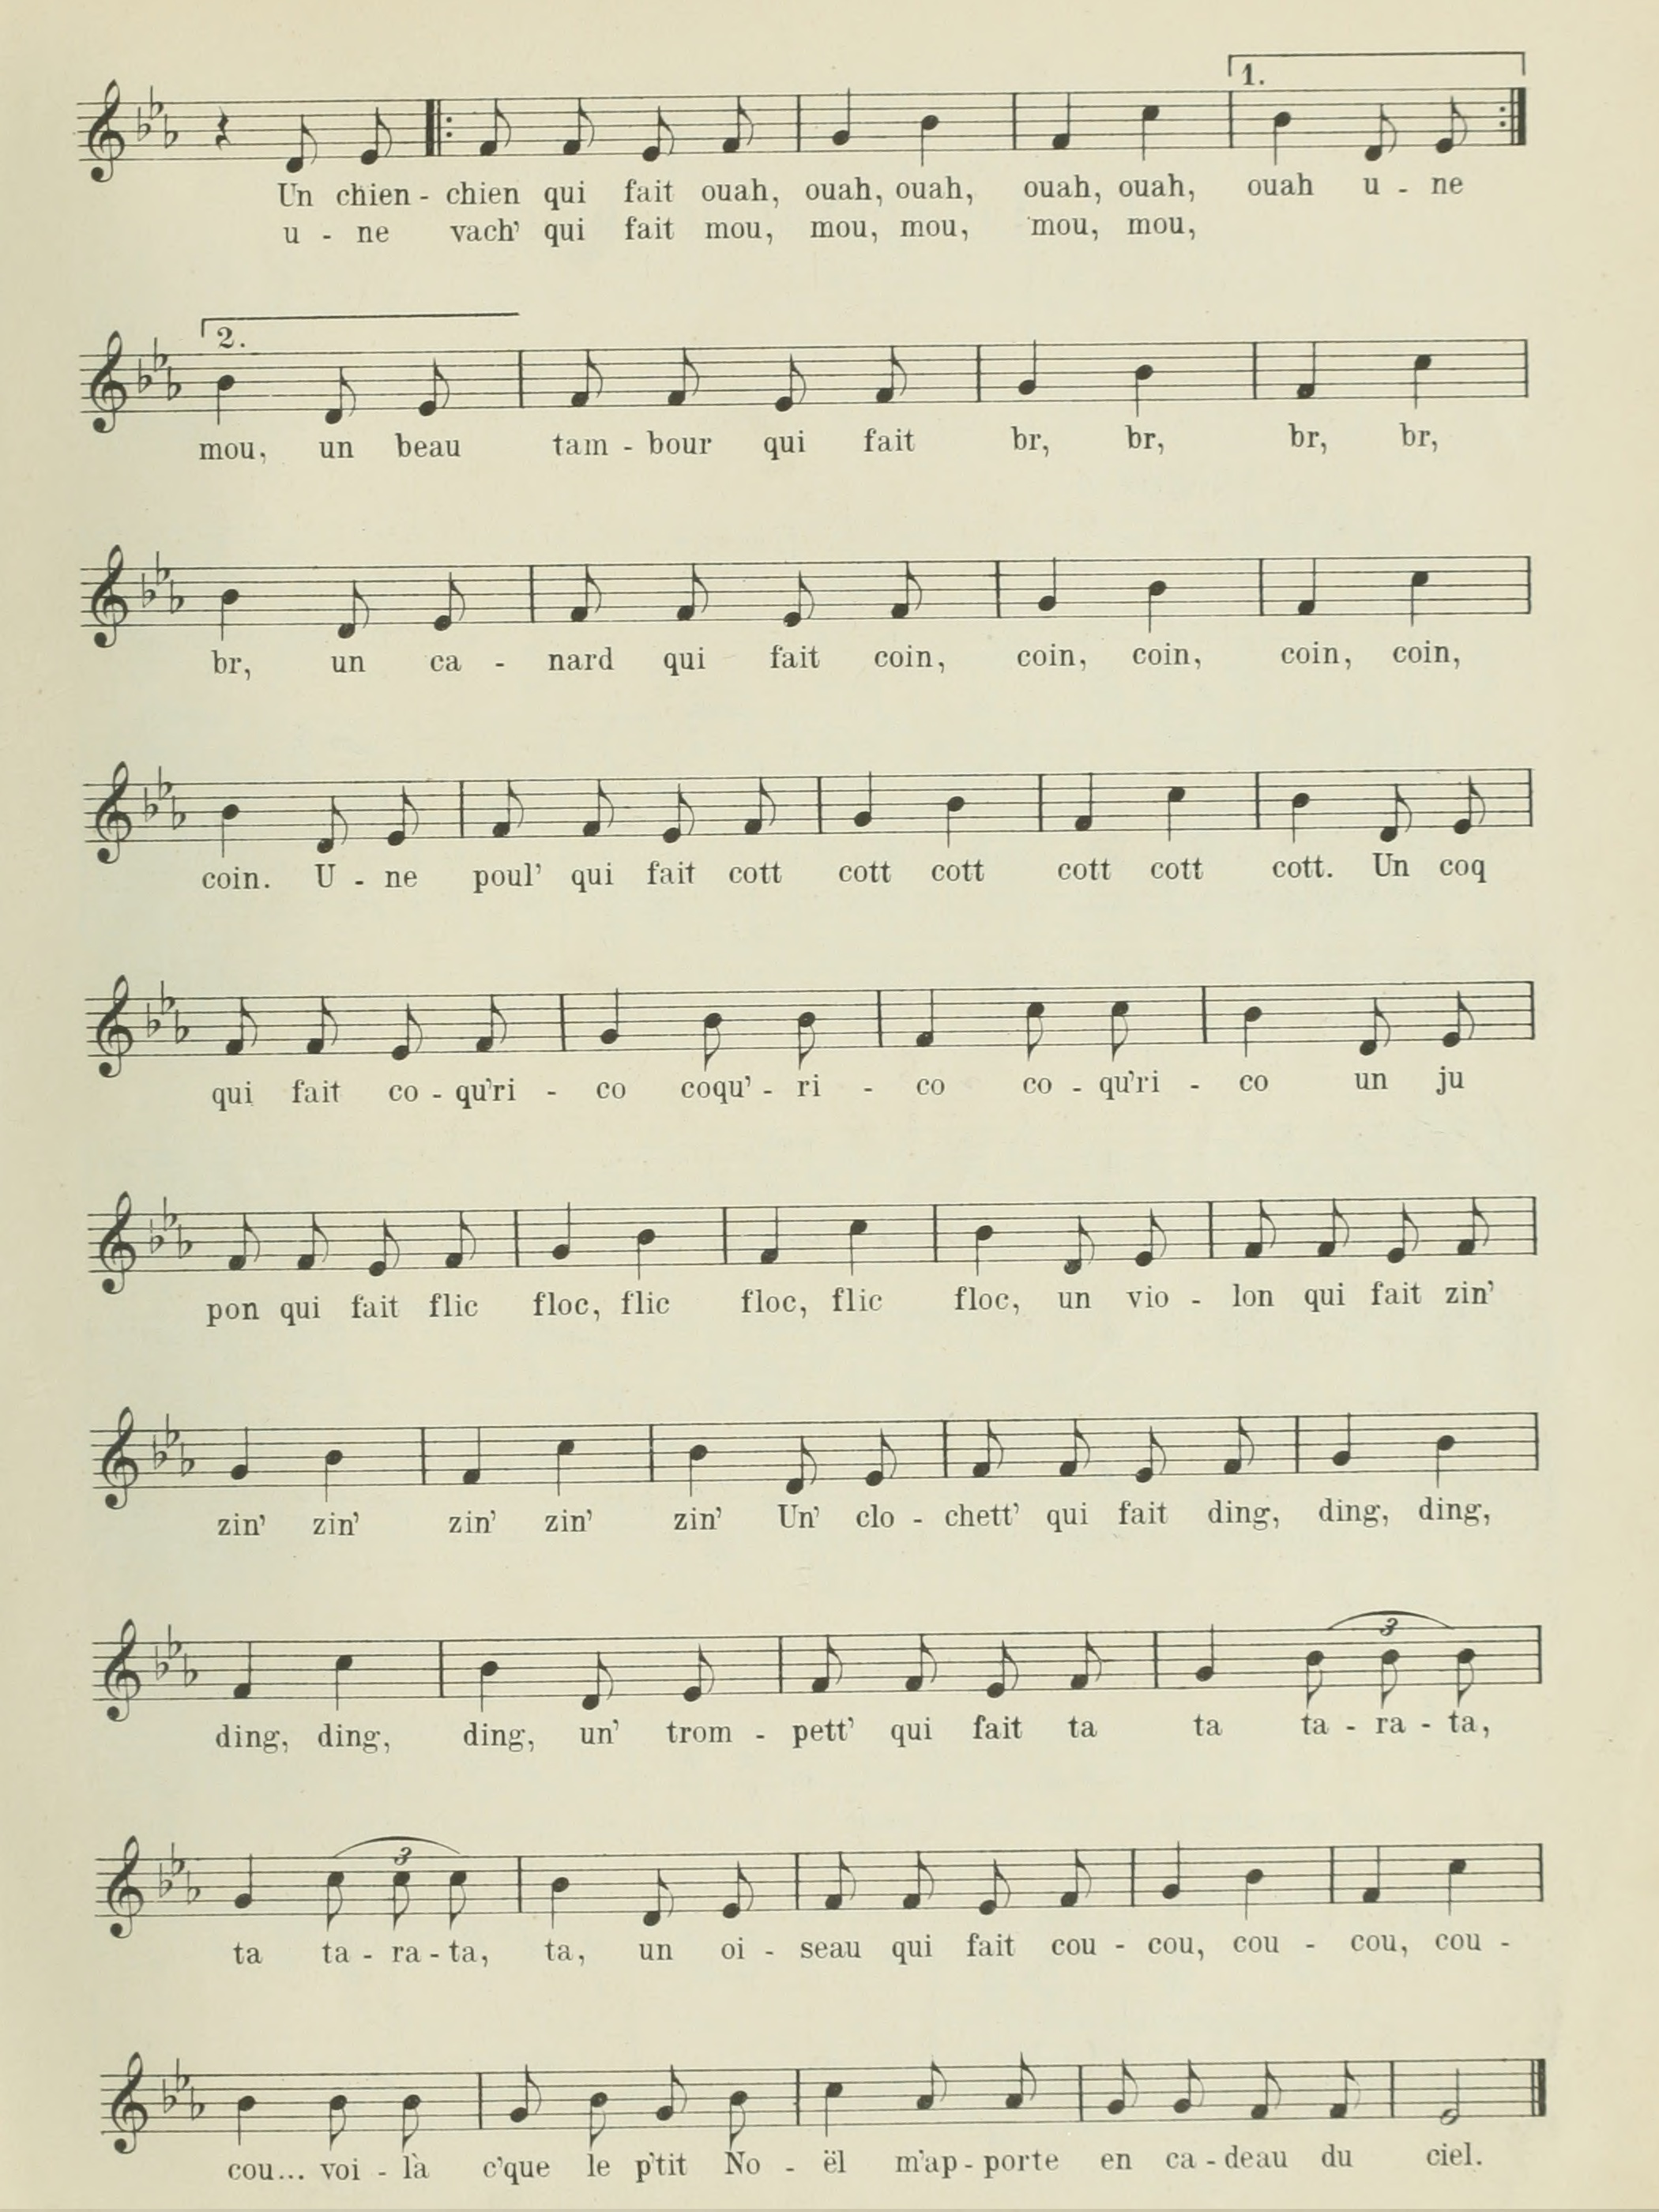 Extrait 2 de la partition publiée dans le recueil «Chansons populaires-romandes - Rondes et Enfantines», W.Sandoz, Neuchâtel